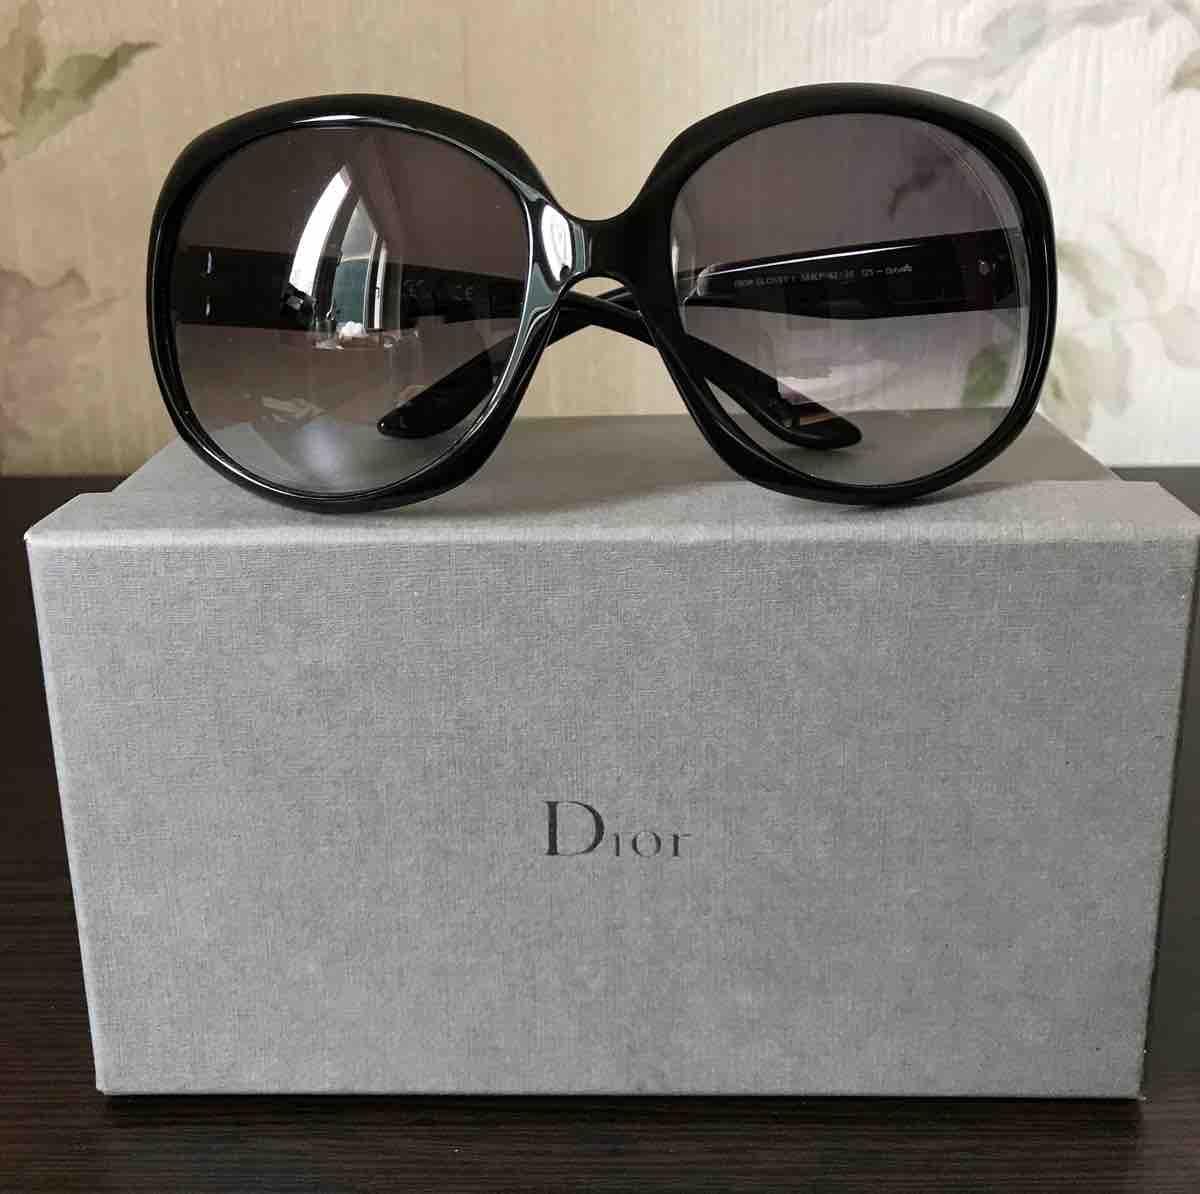 0a0ade50fad2b Купить солнцезащитные очки Dior за 8630 руб. в интернет магазине ...